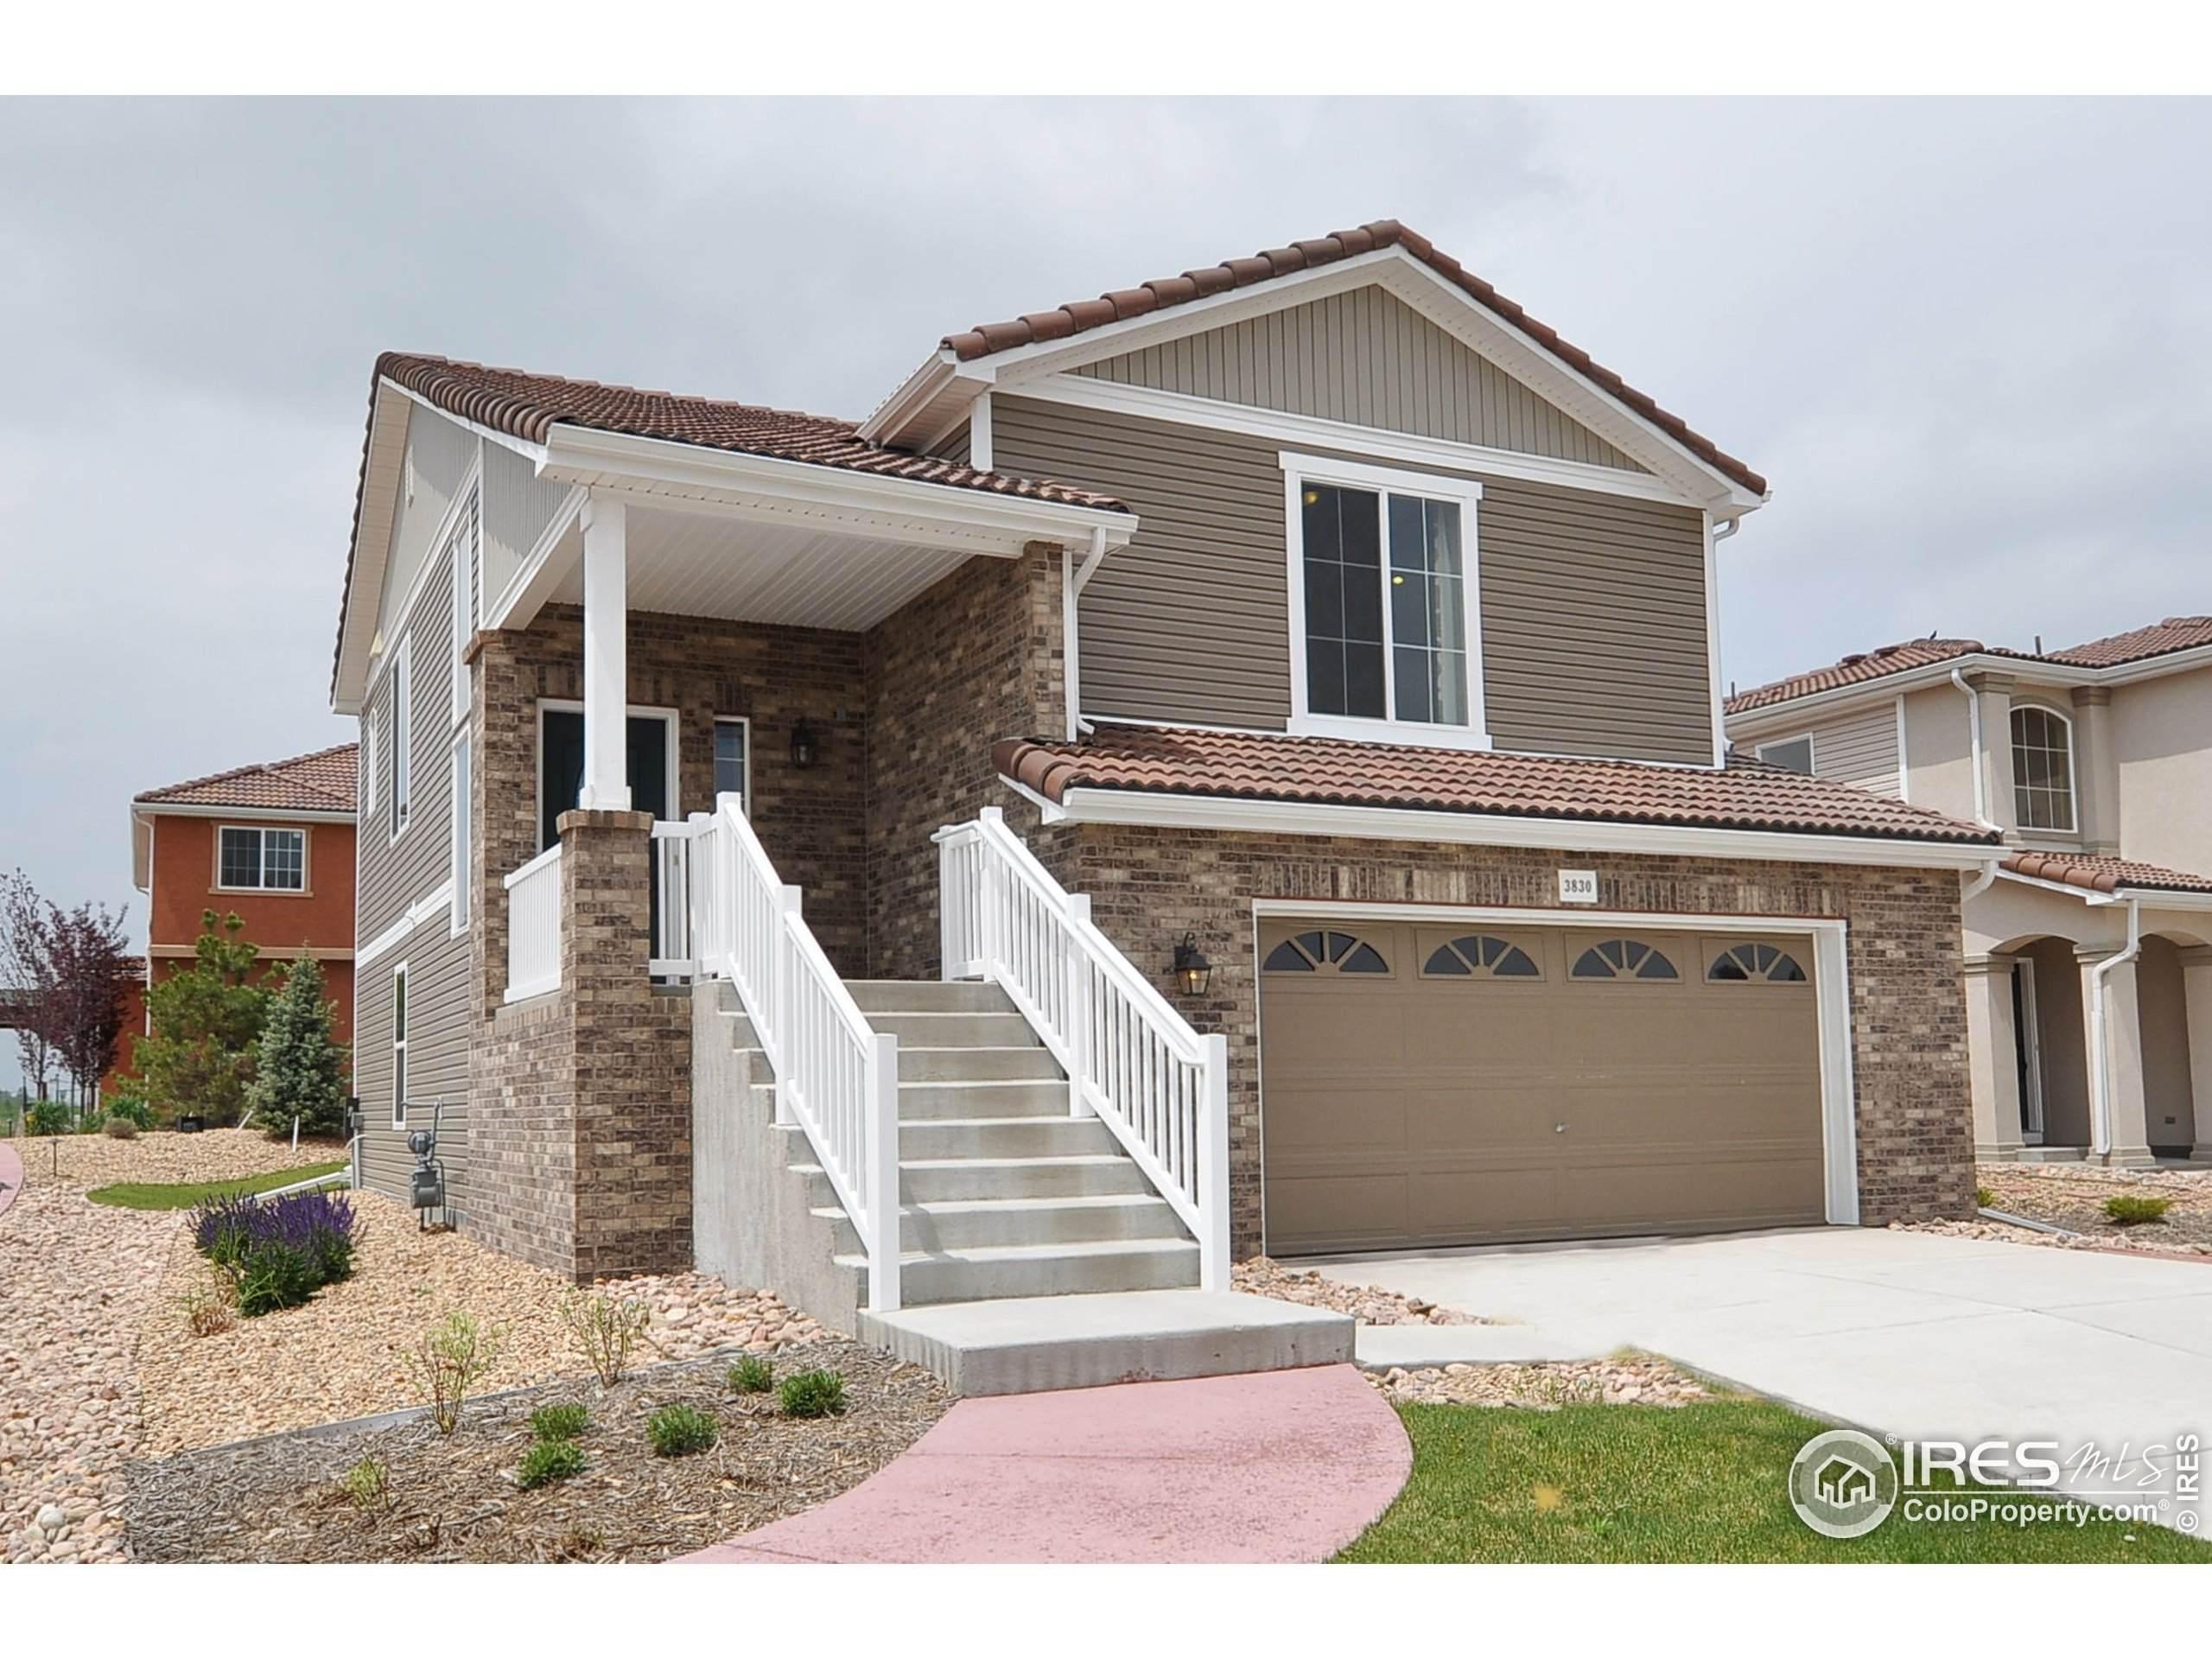 2219 14th St, Boulder, CO 80302 (MLS #929381) :: 8z Real Estate